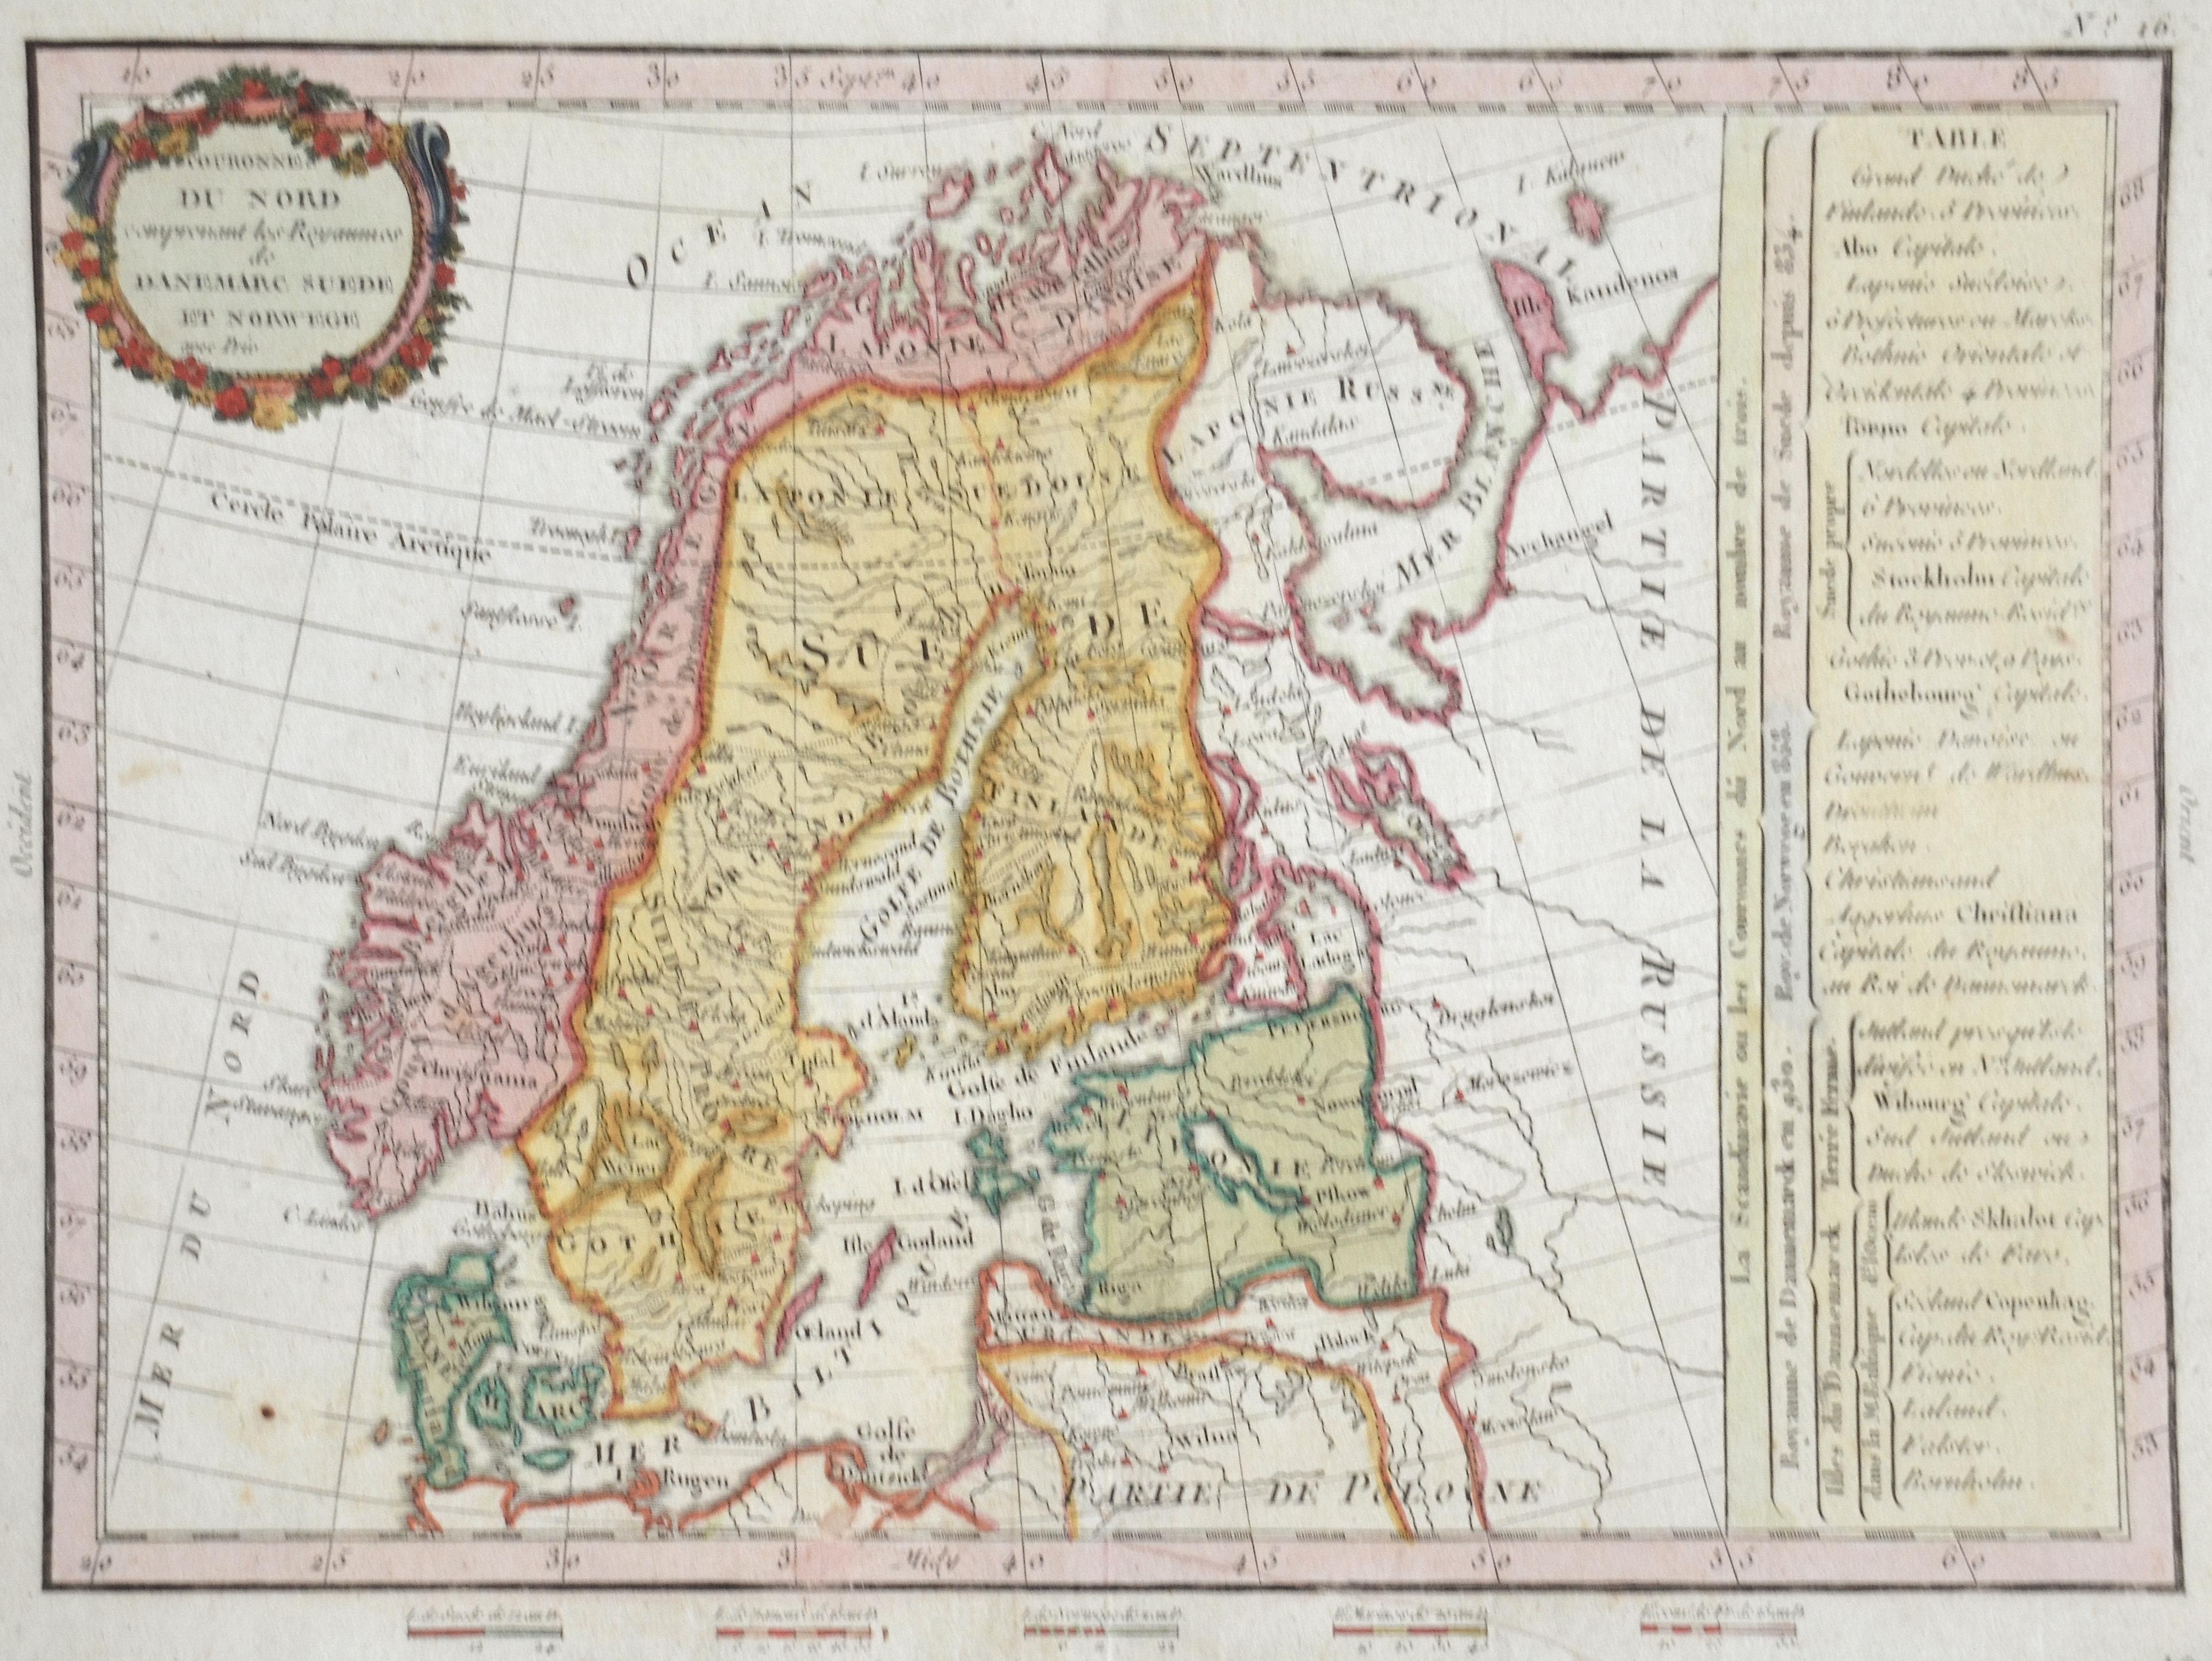 Anonymus  Couronnes du Nord comprenant les Royaumes de Danemarc Suede et Norwege